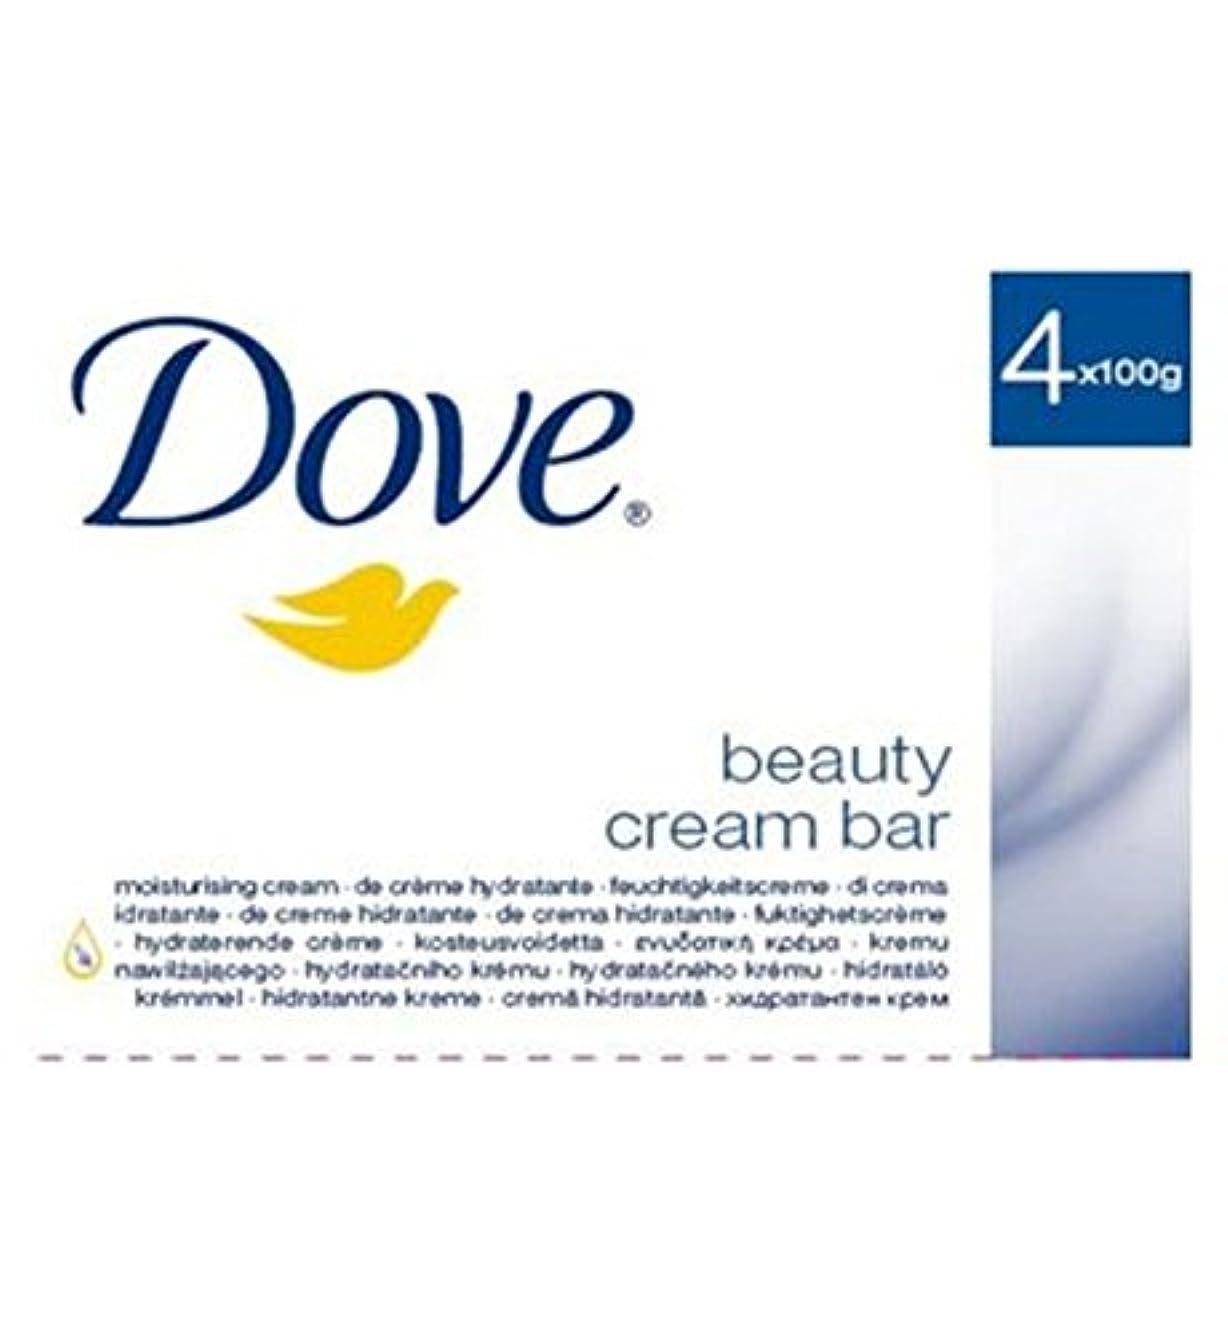 宿命ライセンスパイルDove Original Beauty Cream Bar 4 x 100g - 鳩元の美しさのクリームバー4のX 100グラム (Dove) [並行輸入品]